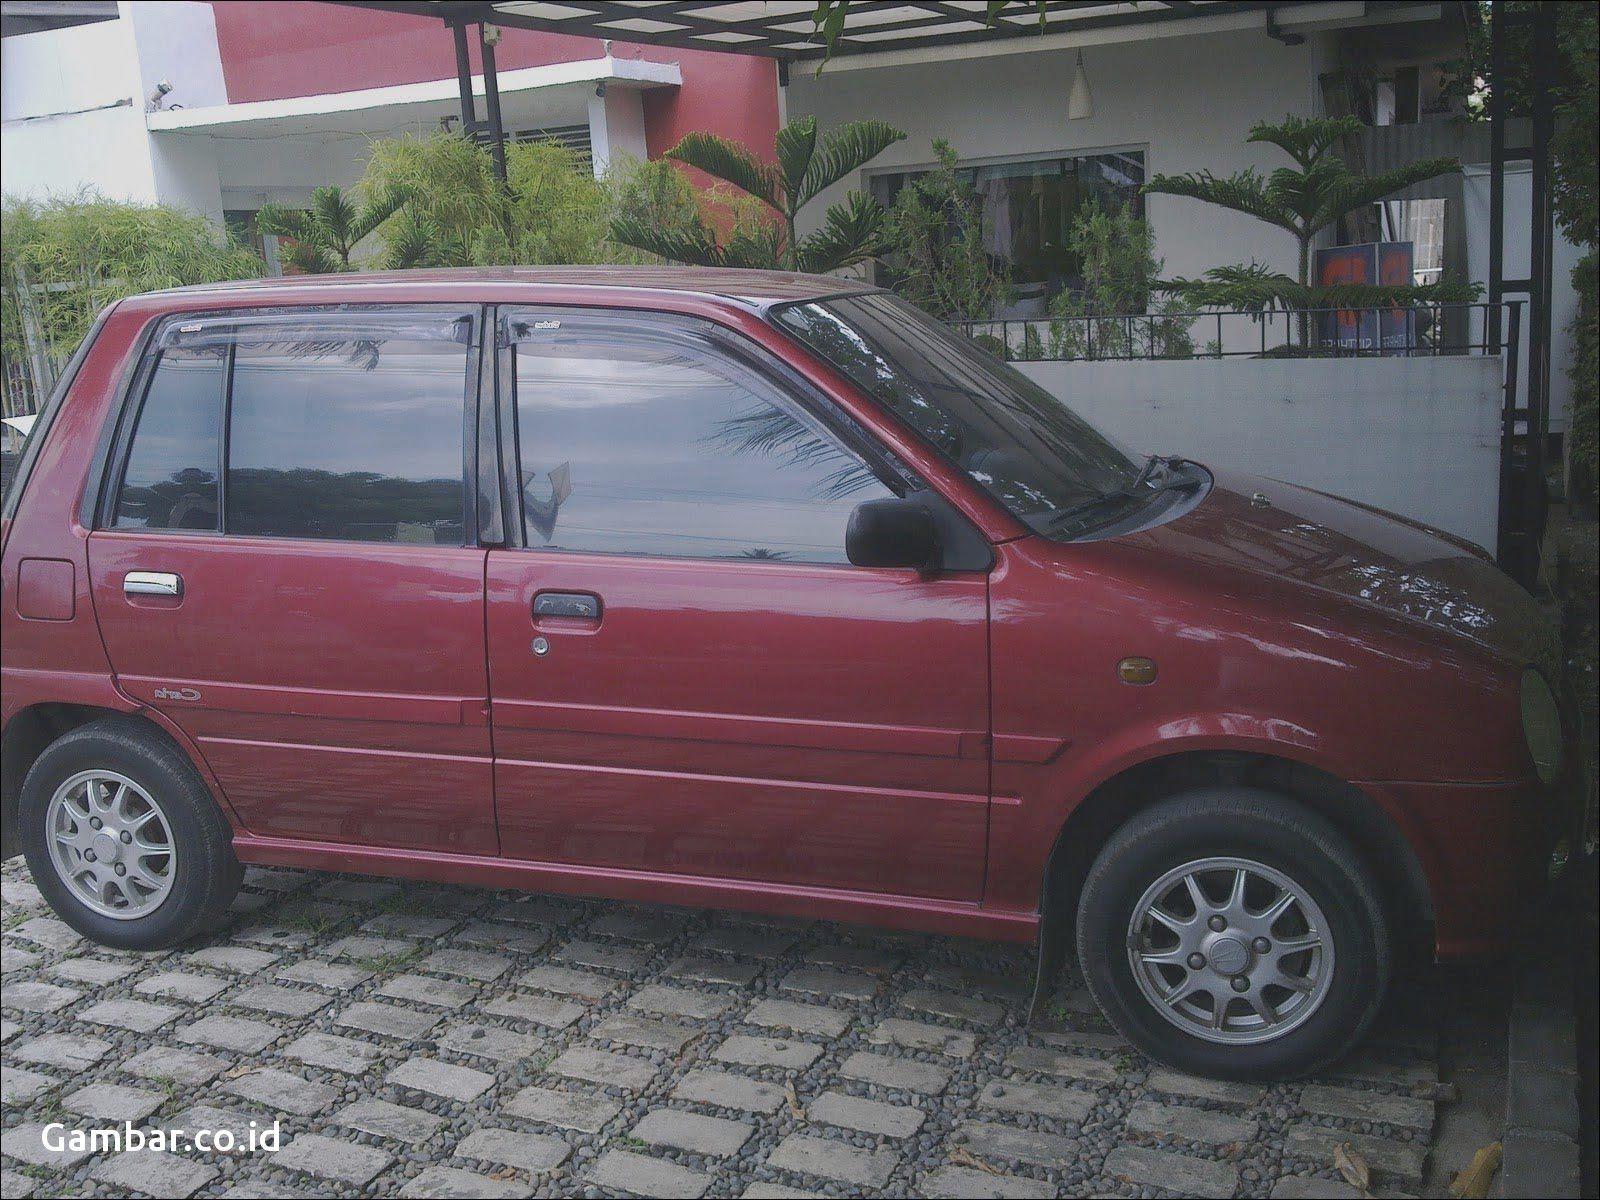 Modifikasi Mobil Daihatsu Ceria 2003 Modifikasi Mobil Daihatsu Mobil